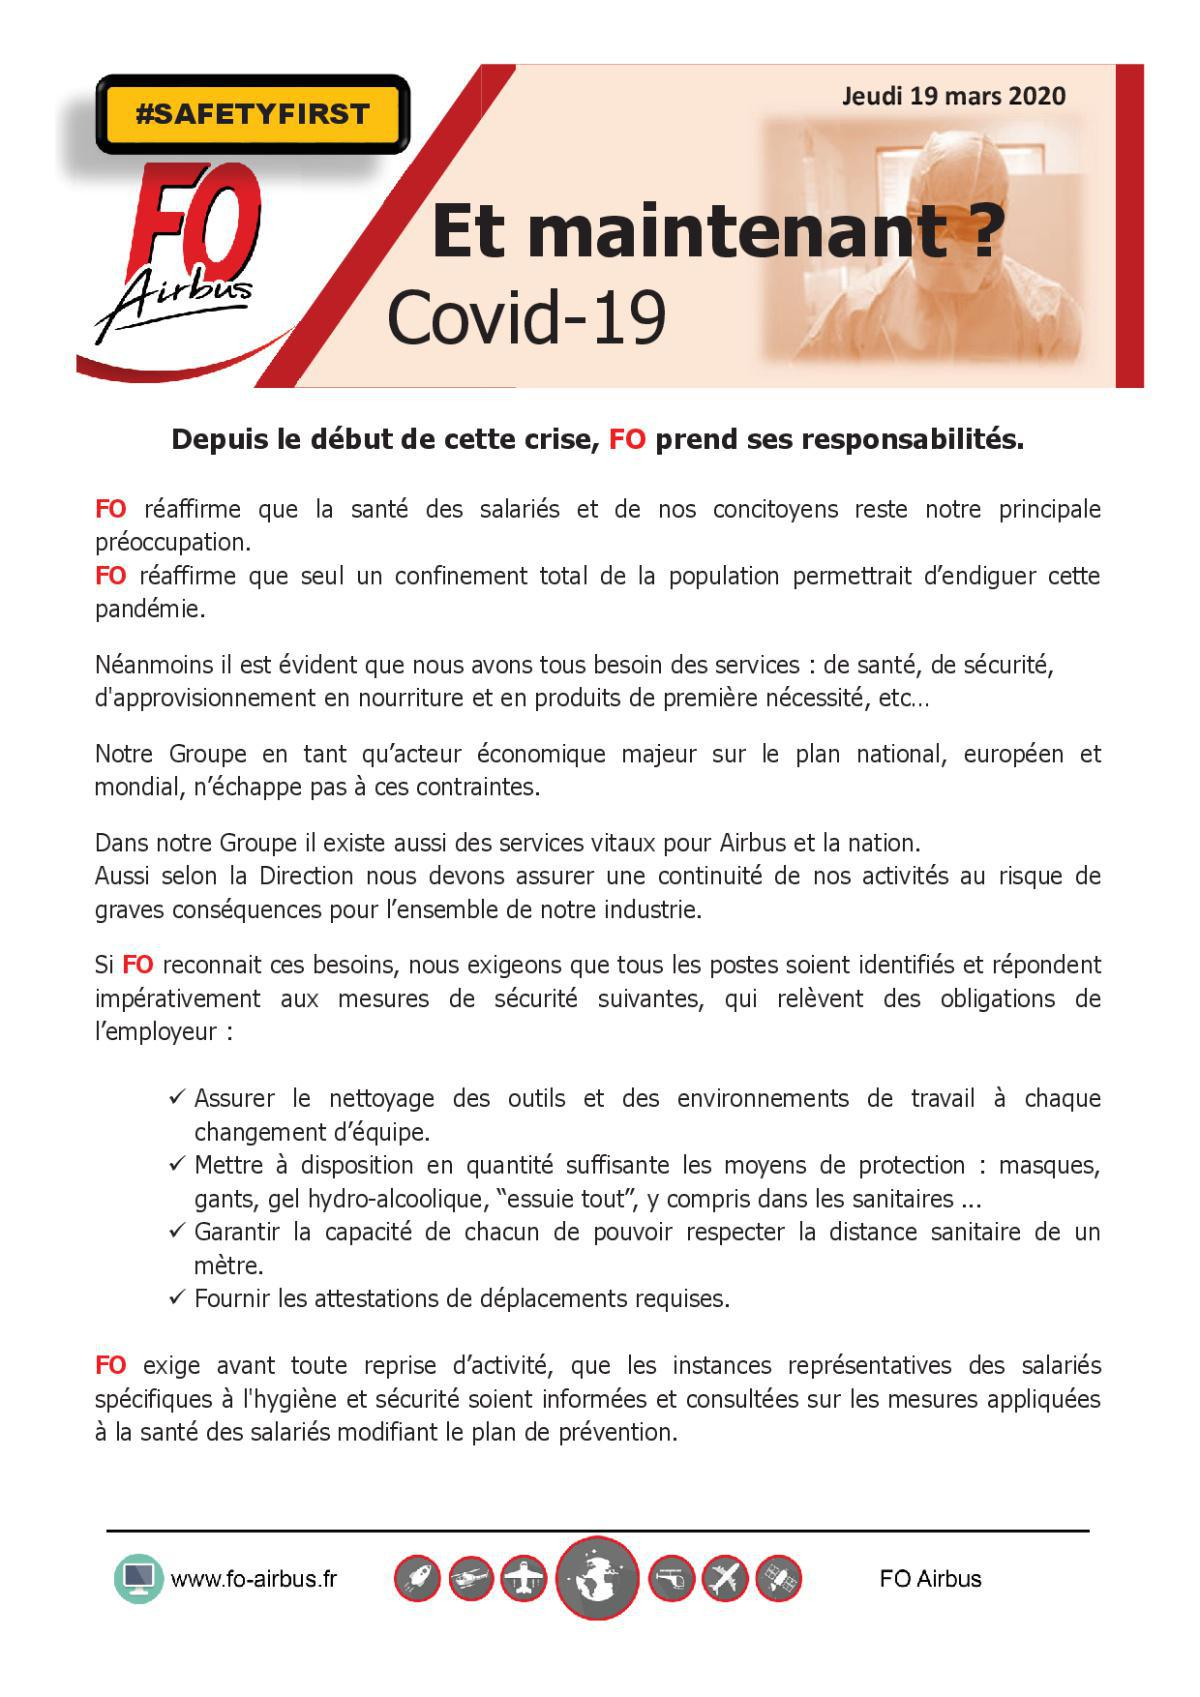 COVID-19 - Et Maintenant ?